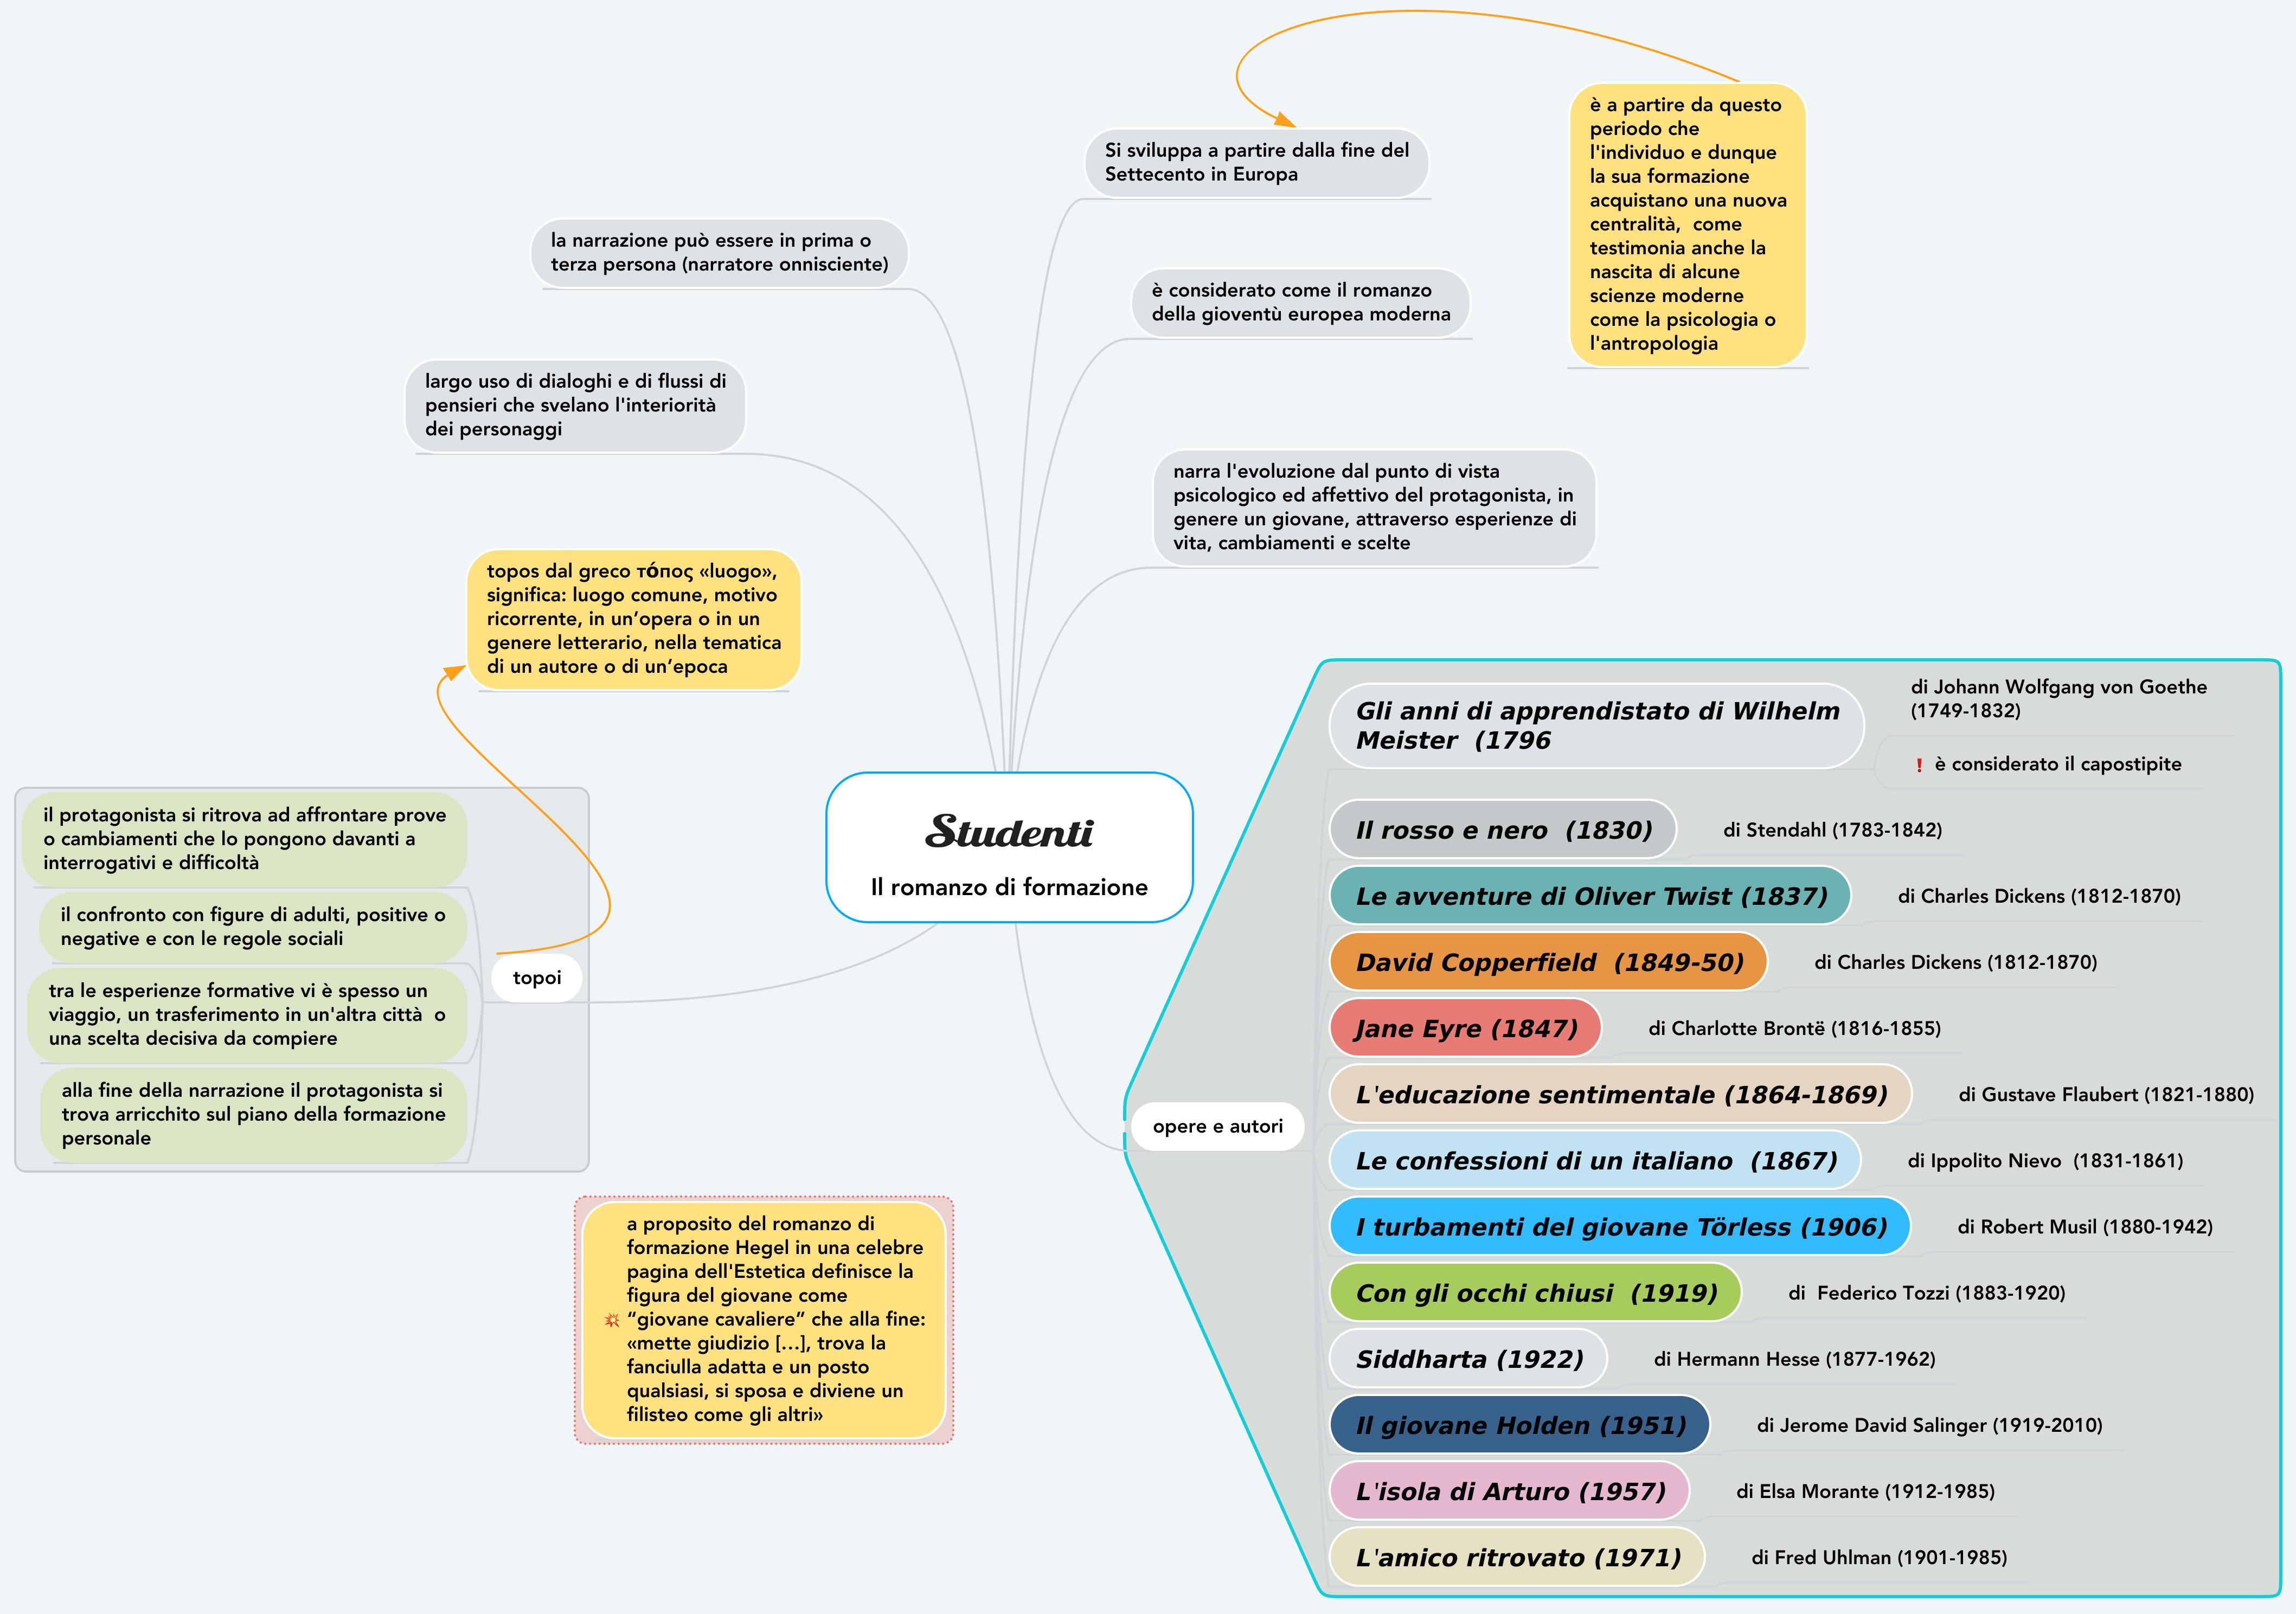 Mappa concettuale sul romanzo di formazione